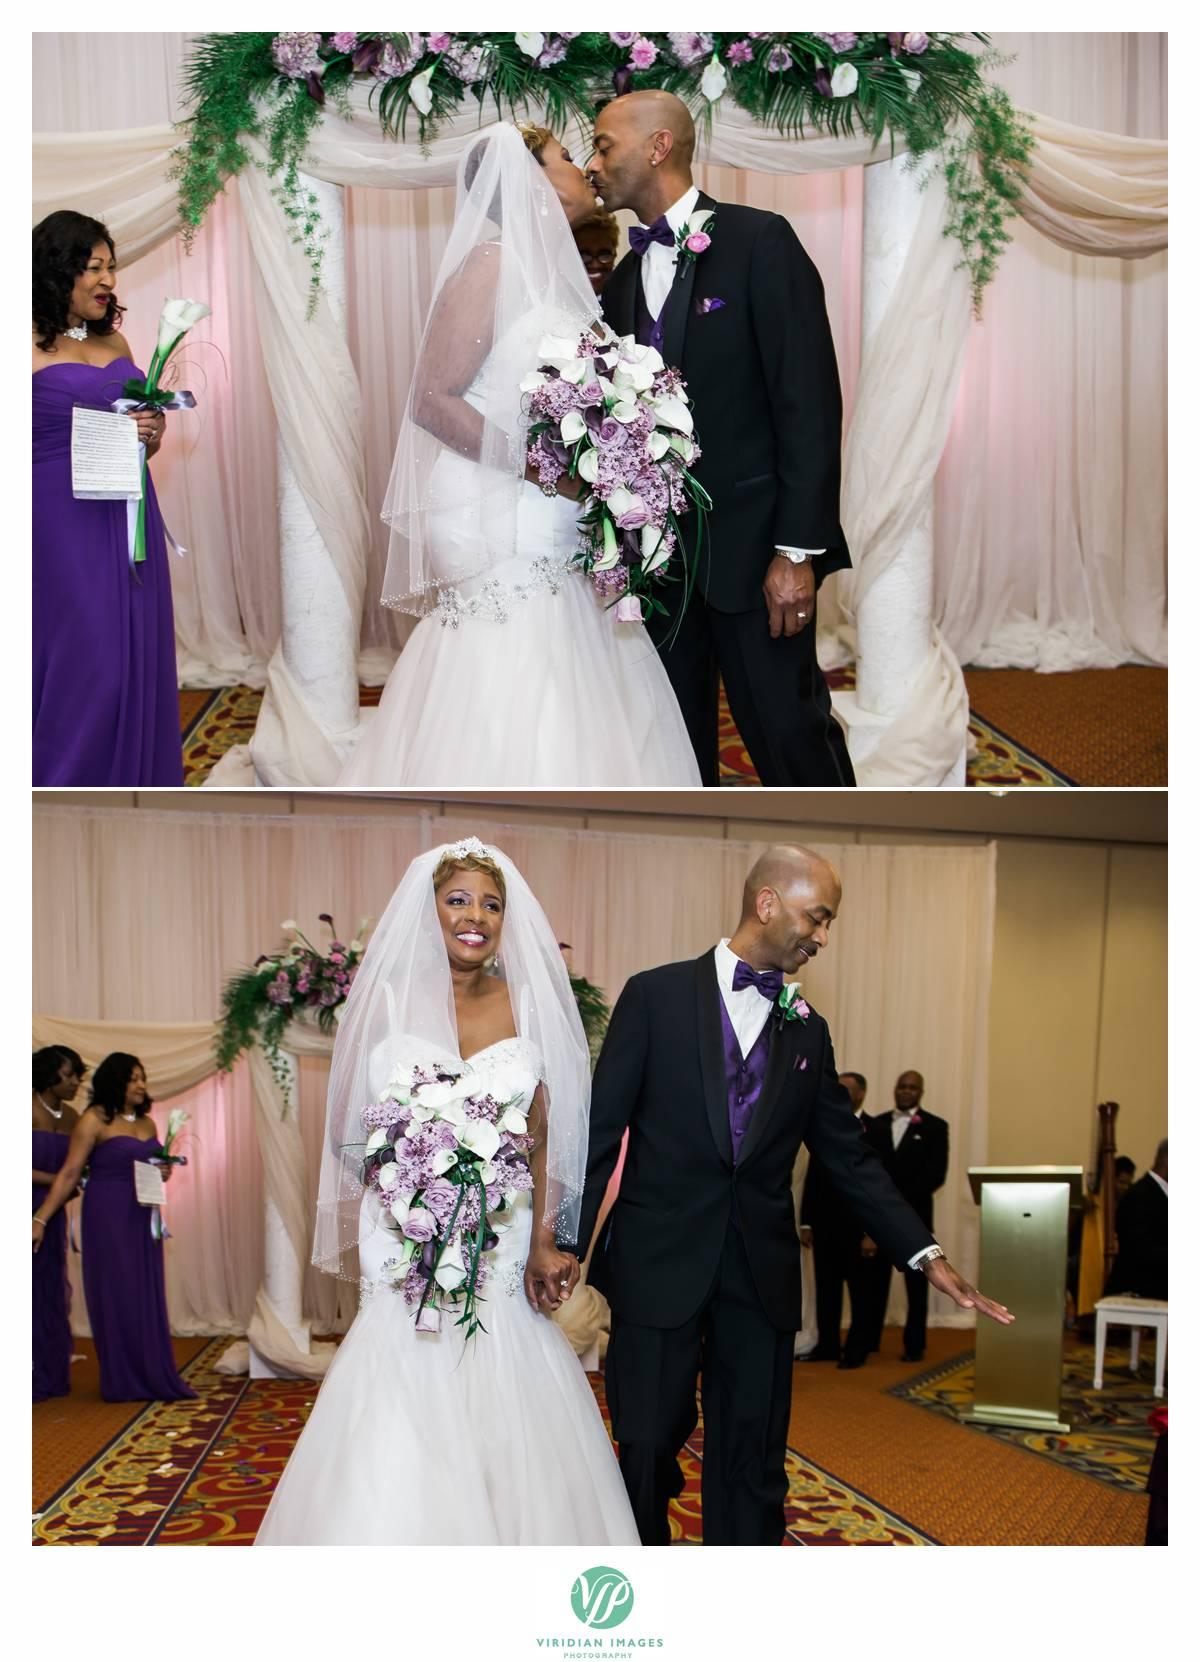 Douglasville-Wedding-John-Nicole-Viridian-Images-photo-20